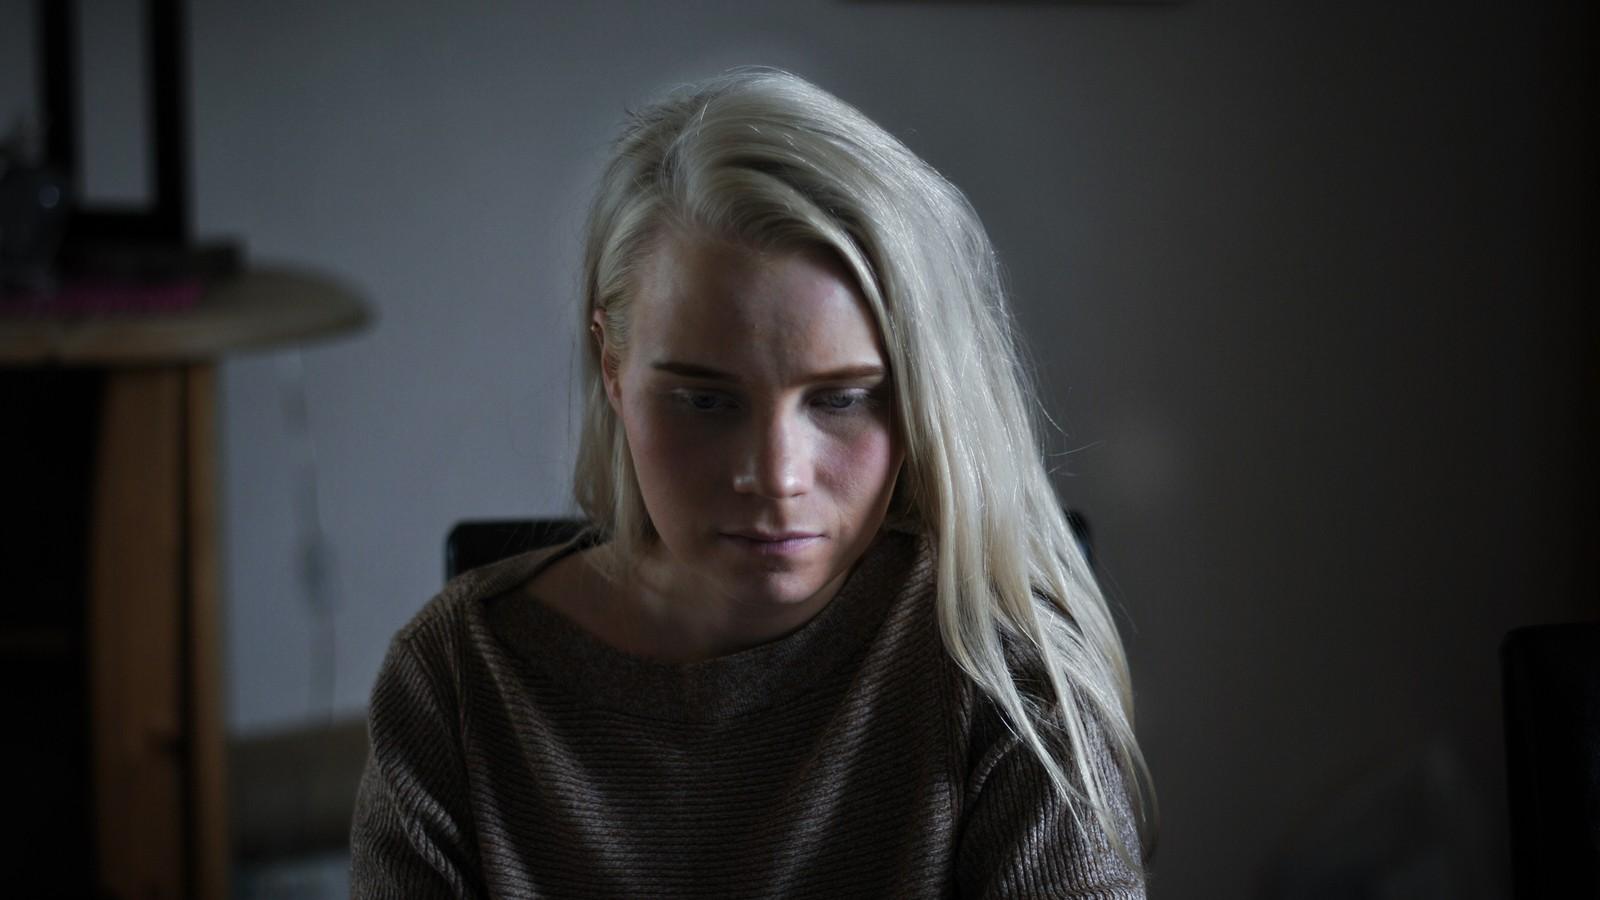 Nærbilde av Sara. Lyset faller inn fra høyre og lyser opp håret og ansiktet på høyre side. Blikket er vendt ned. Uskarp og litt mørk bakgrunn.